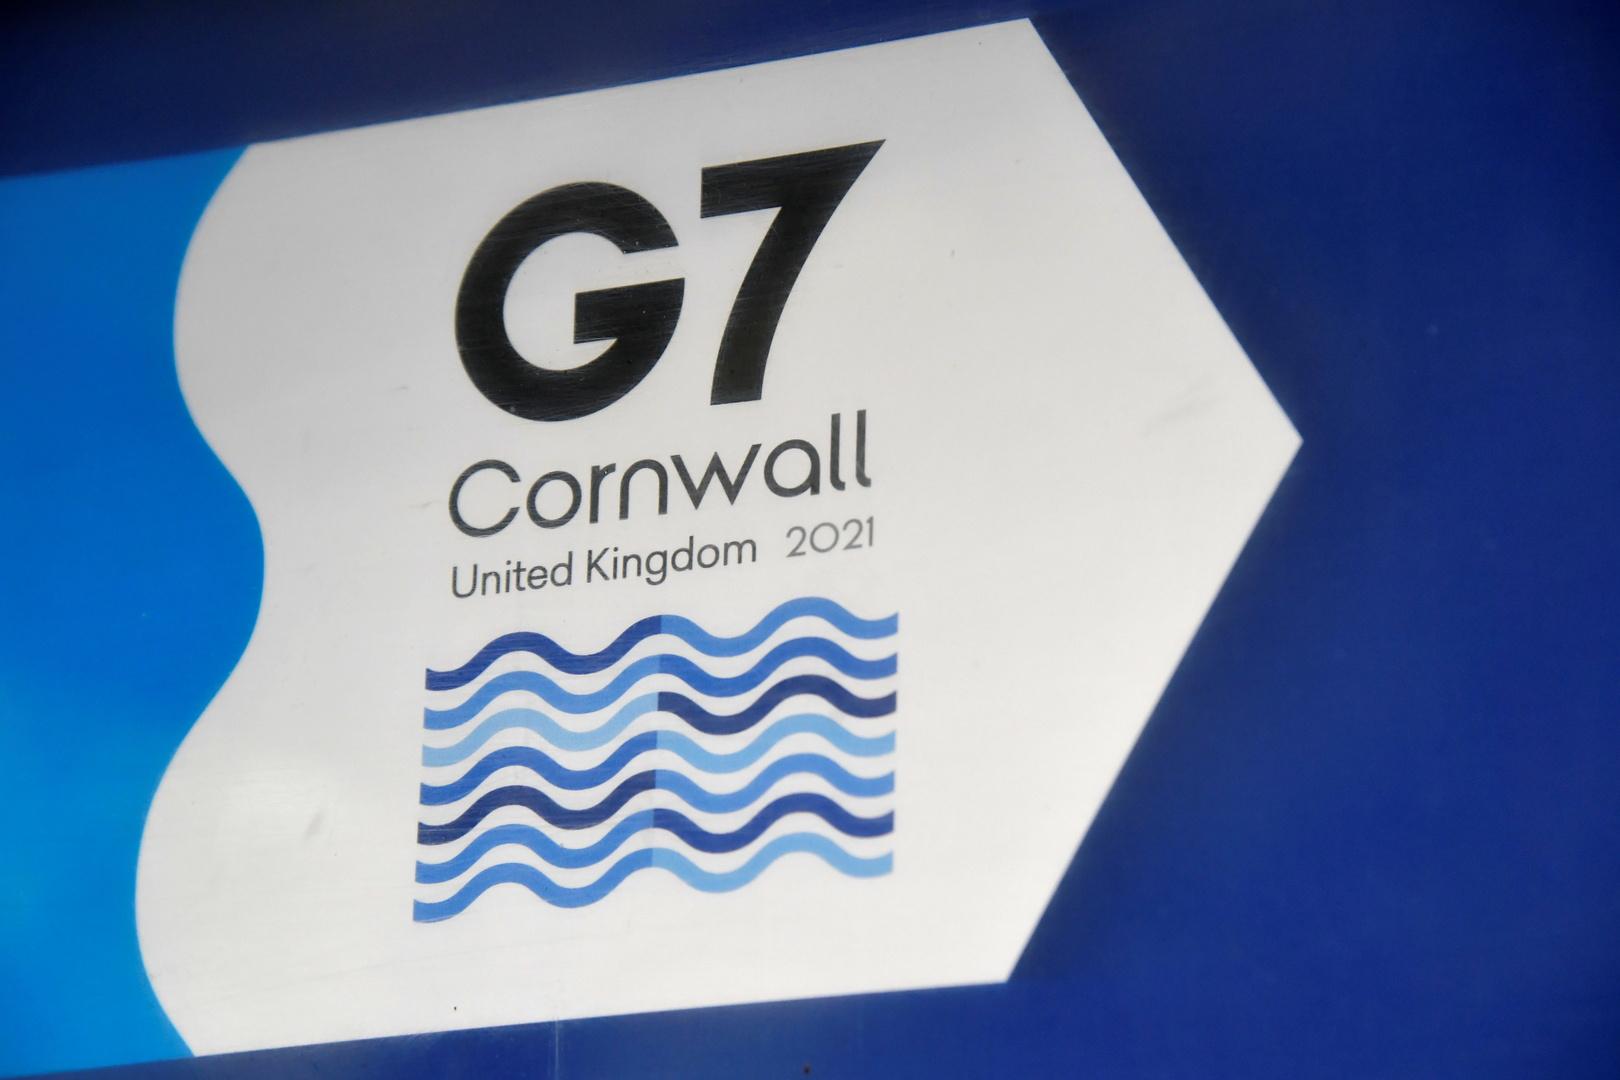 واشنطن: G7 تبحث تخصيص 100 مليار دولار للدول المتضررة بشدة من كورونا